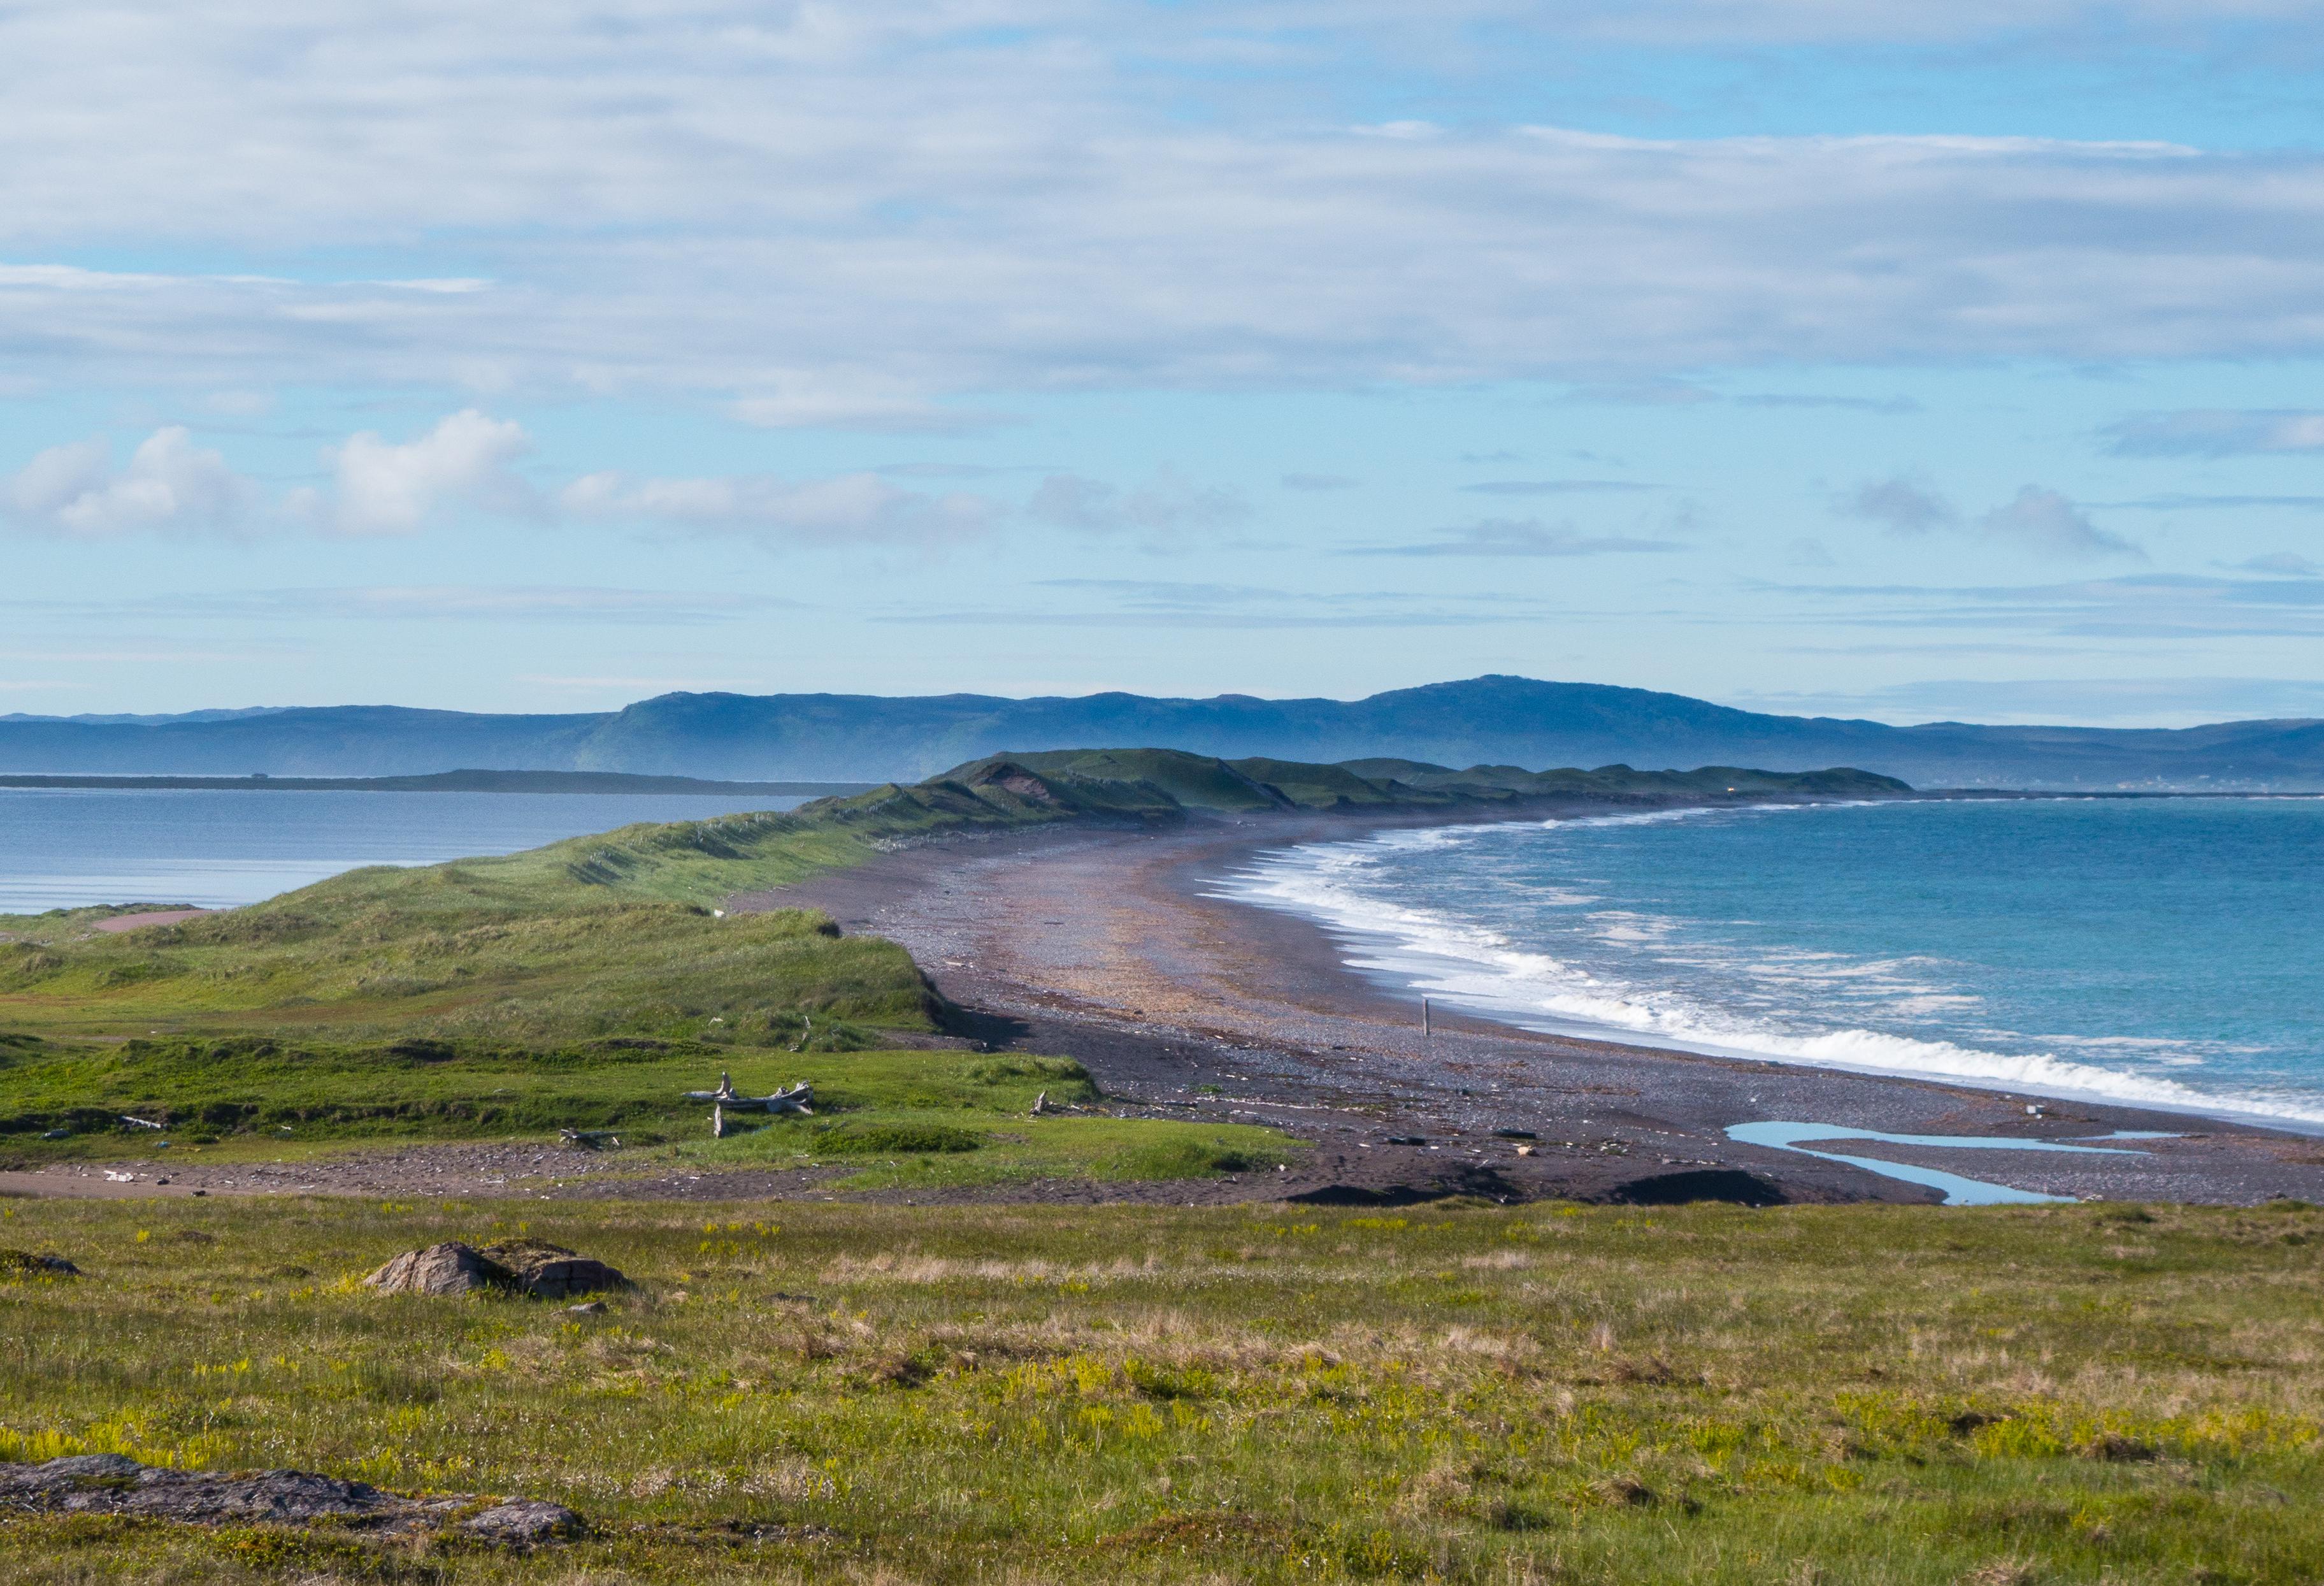 Changement climatique : Le député de Saint-Pierre-et-Miquelon Stéphane Claireaux souhaite un déblocage d'un fonds d'urgence pour stabiliser le cordon dunaire de l'isthme de Miquelon-Langlade